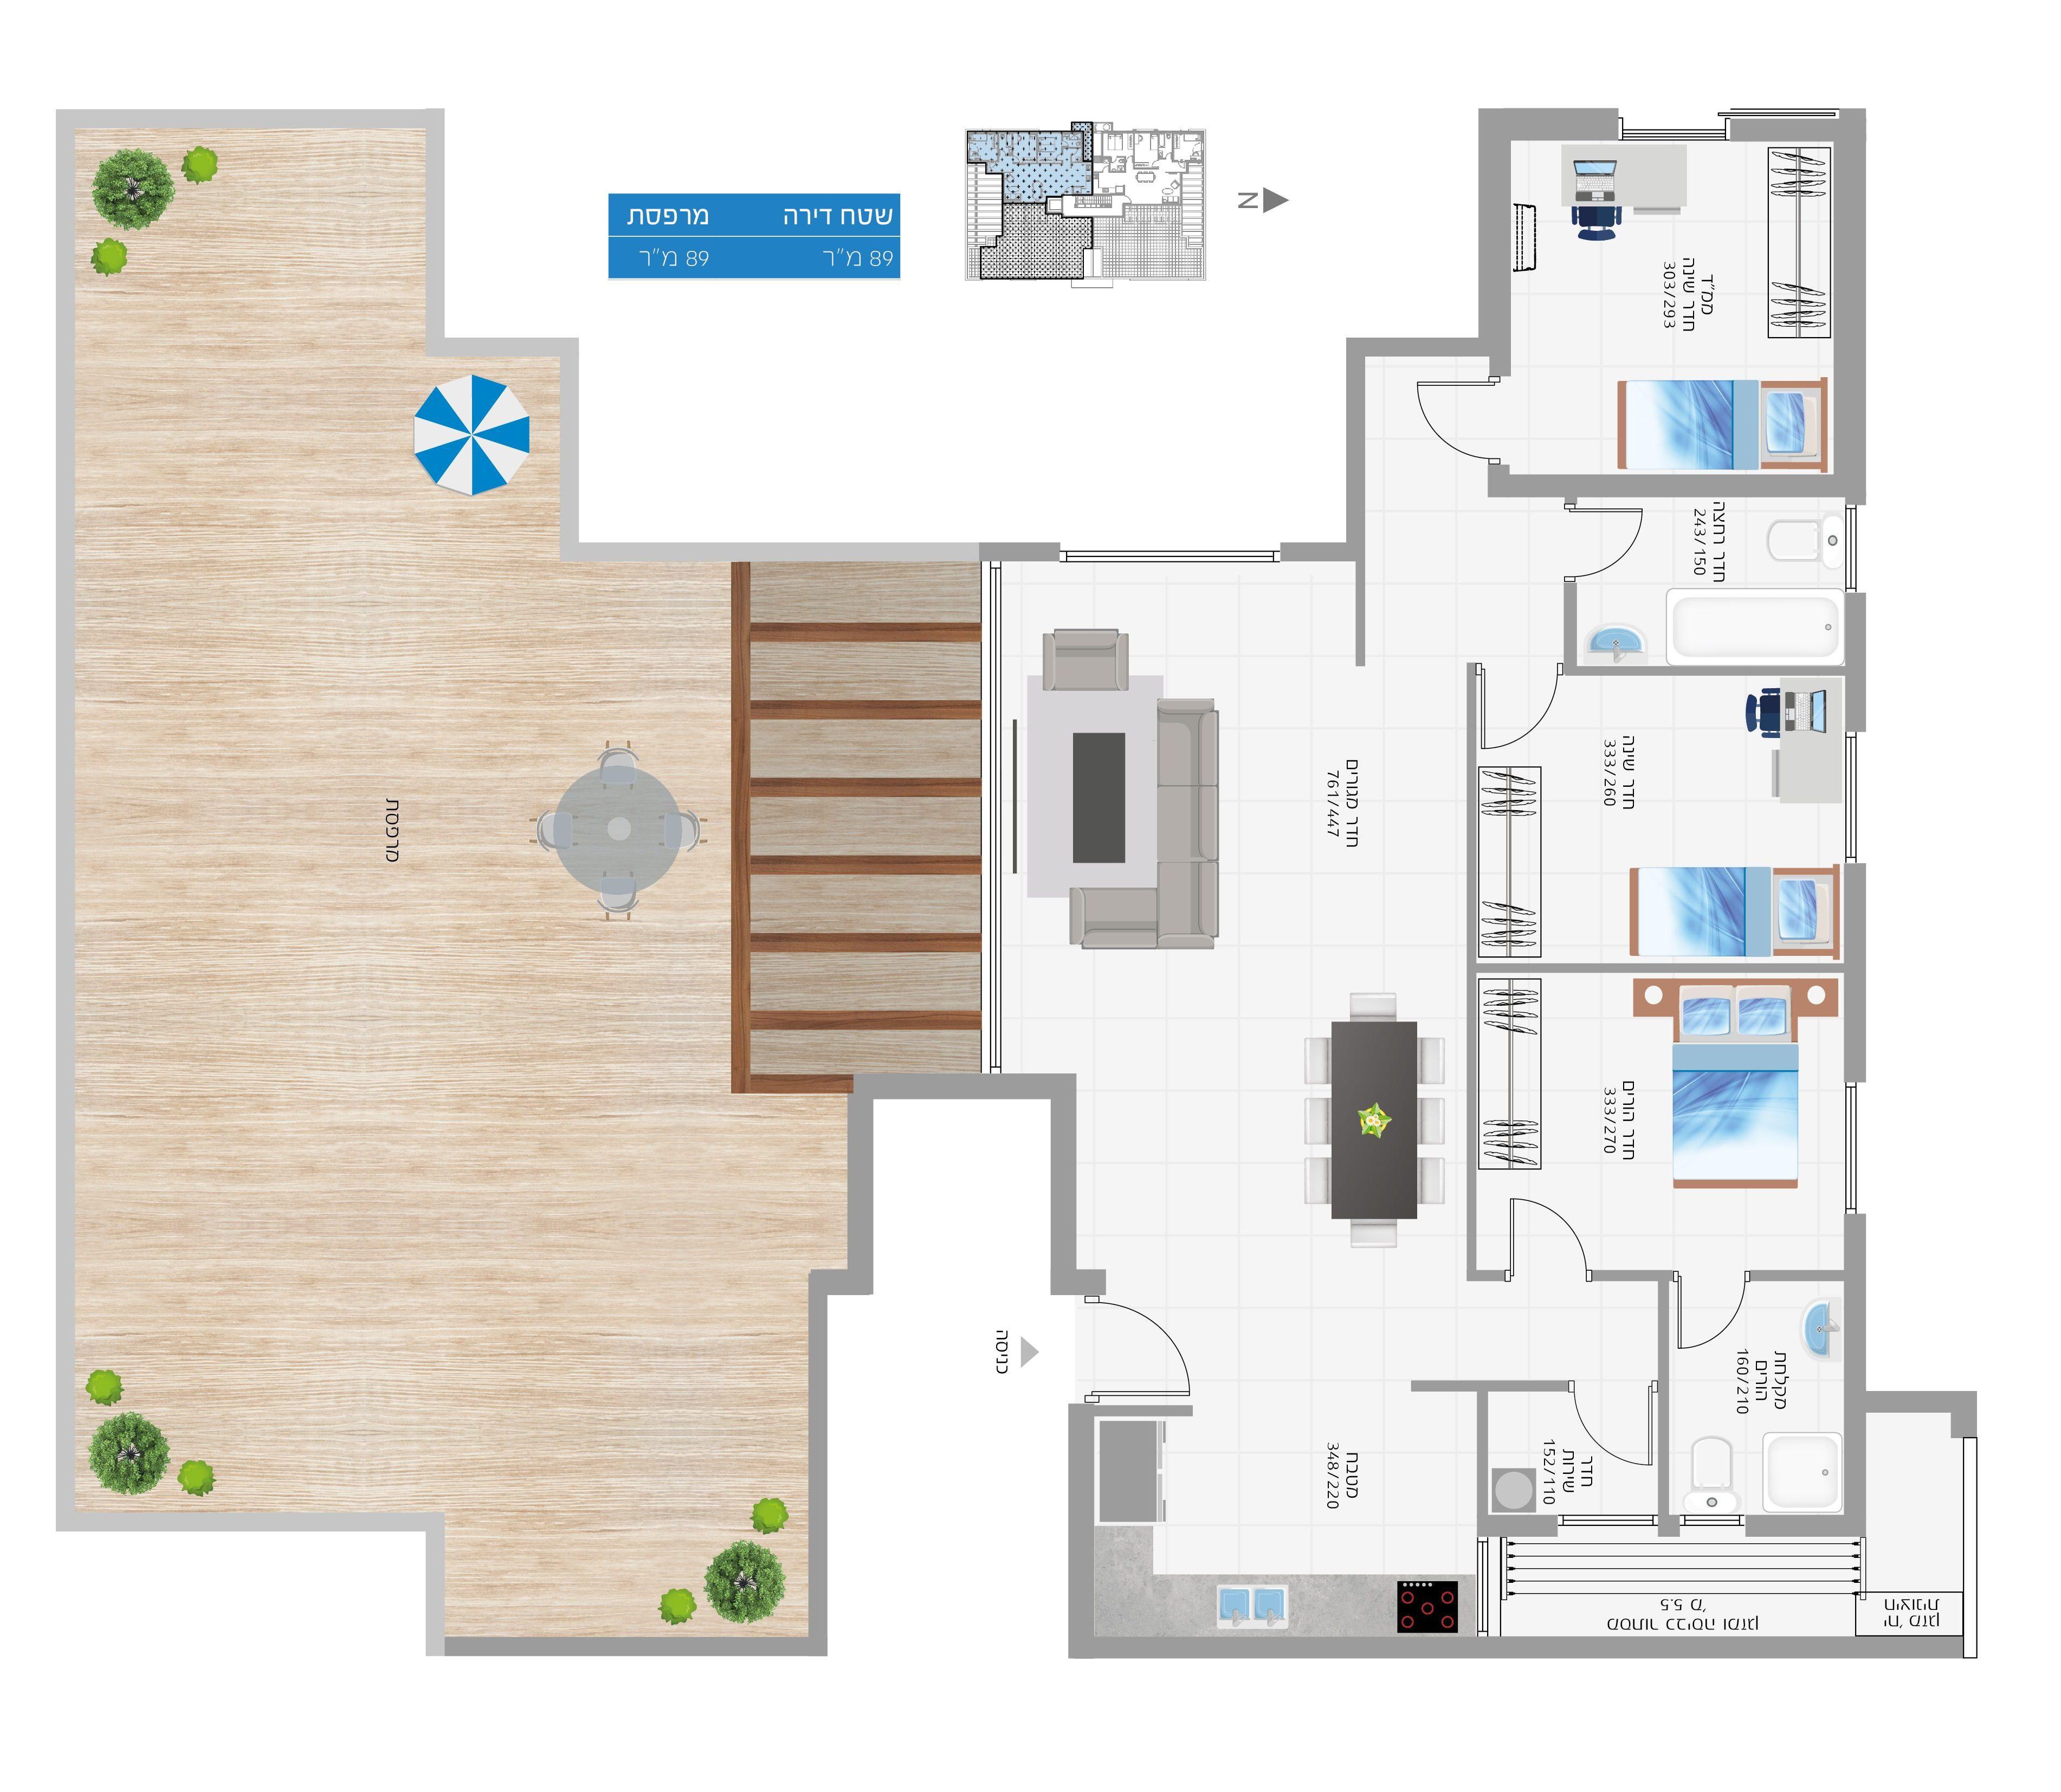 תוכנית הדירה לנכס מספר 25